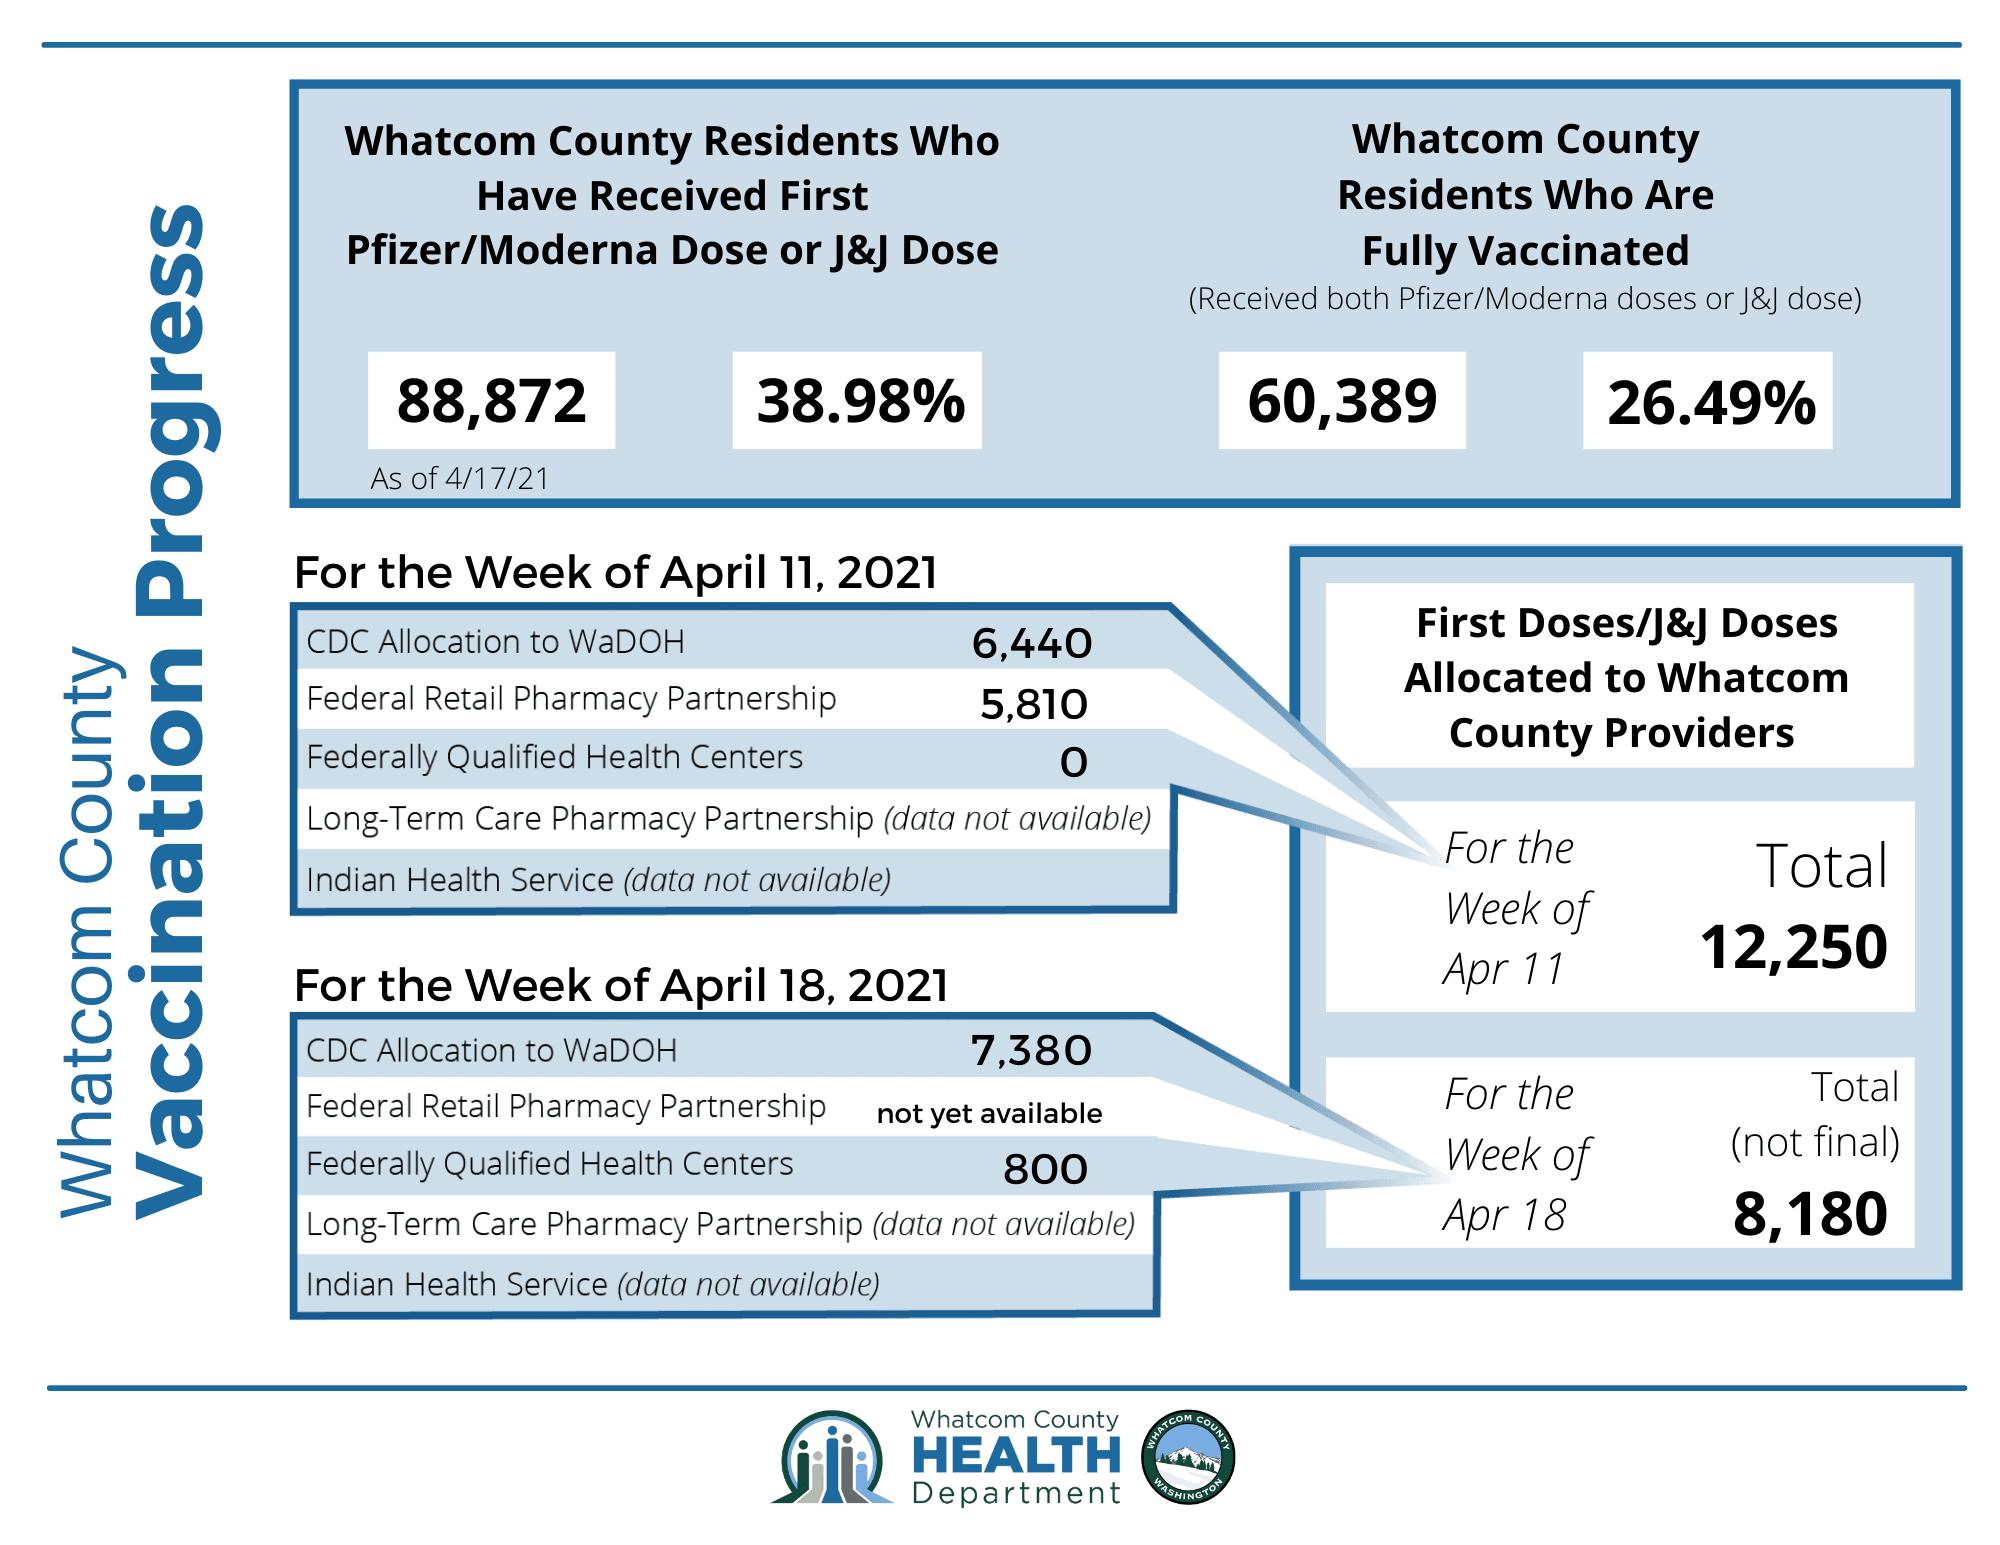 Whatcom County Vax Progress Infographic 4.20